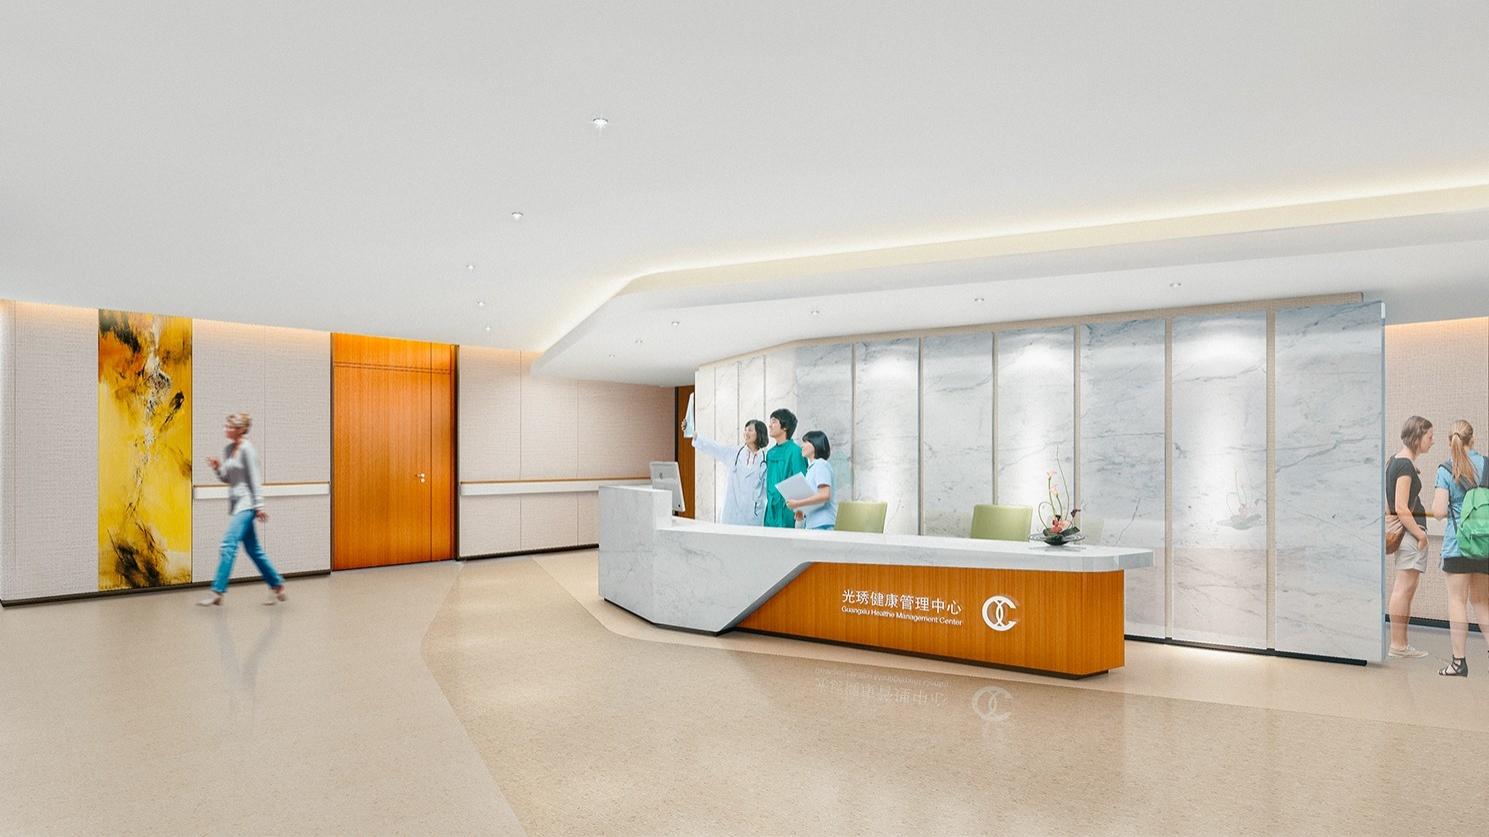 项目页图片_ 湖南长沙光琇健康管理中心室内设计